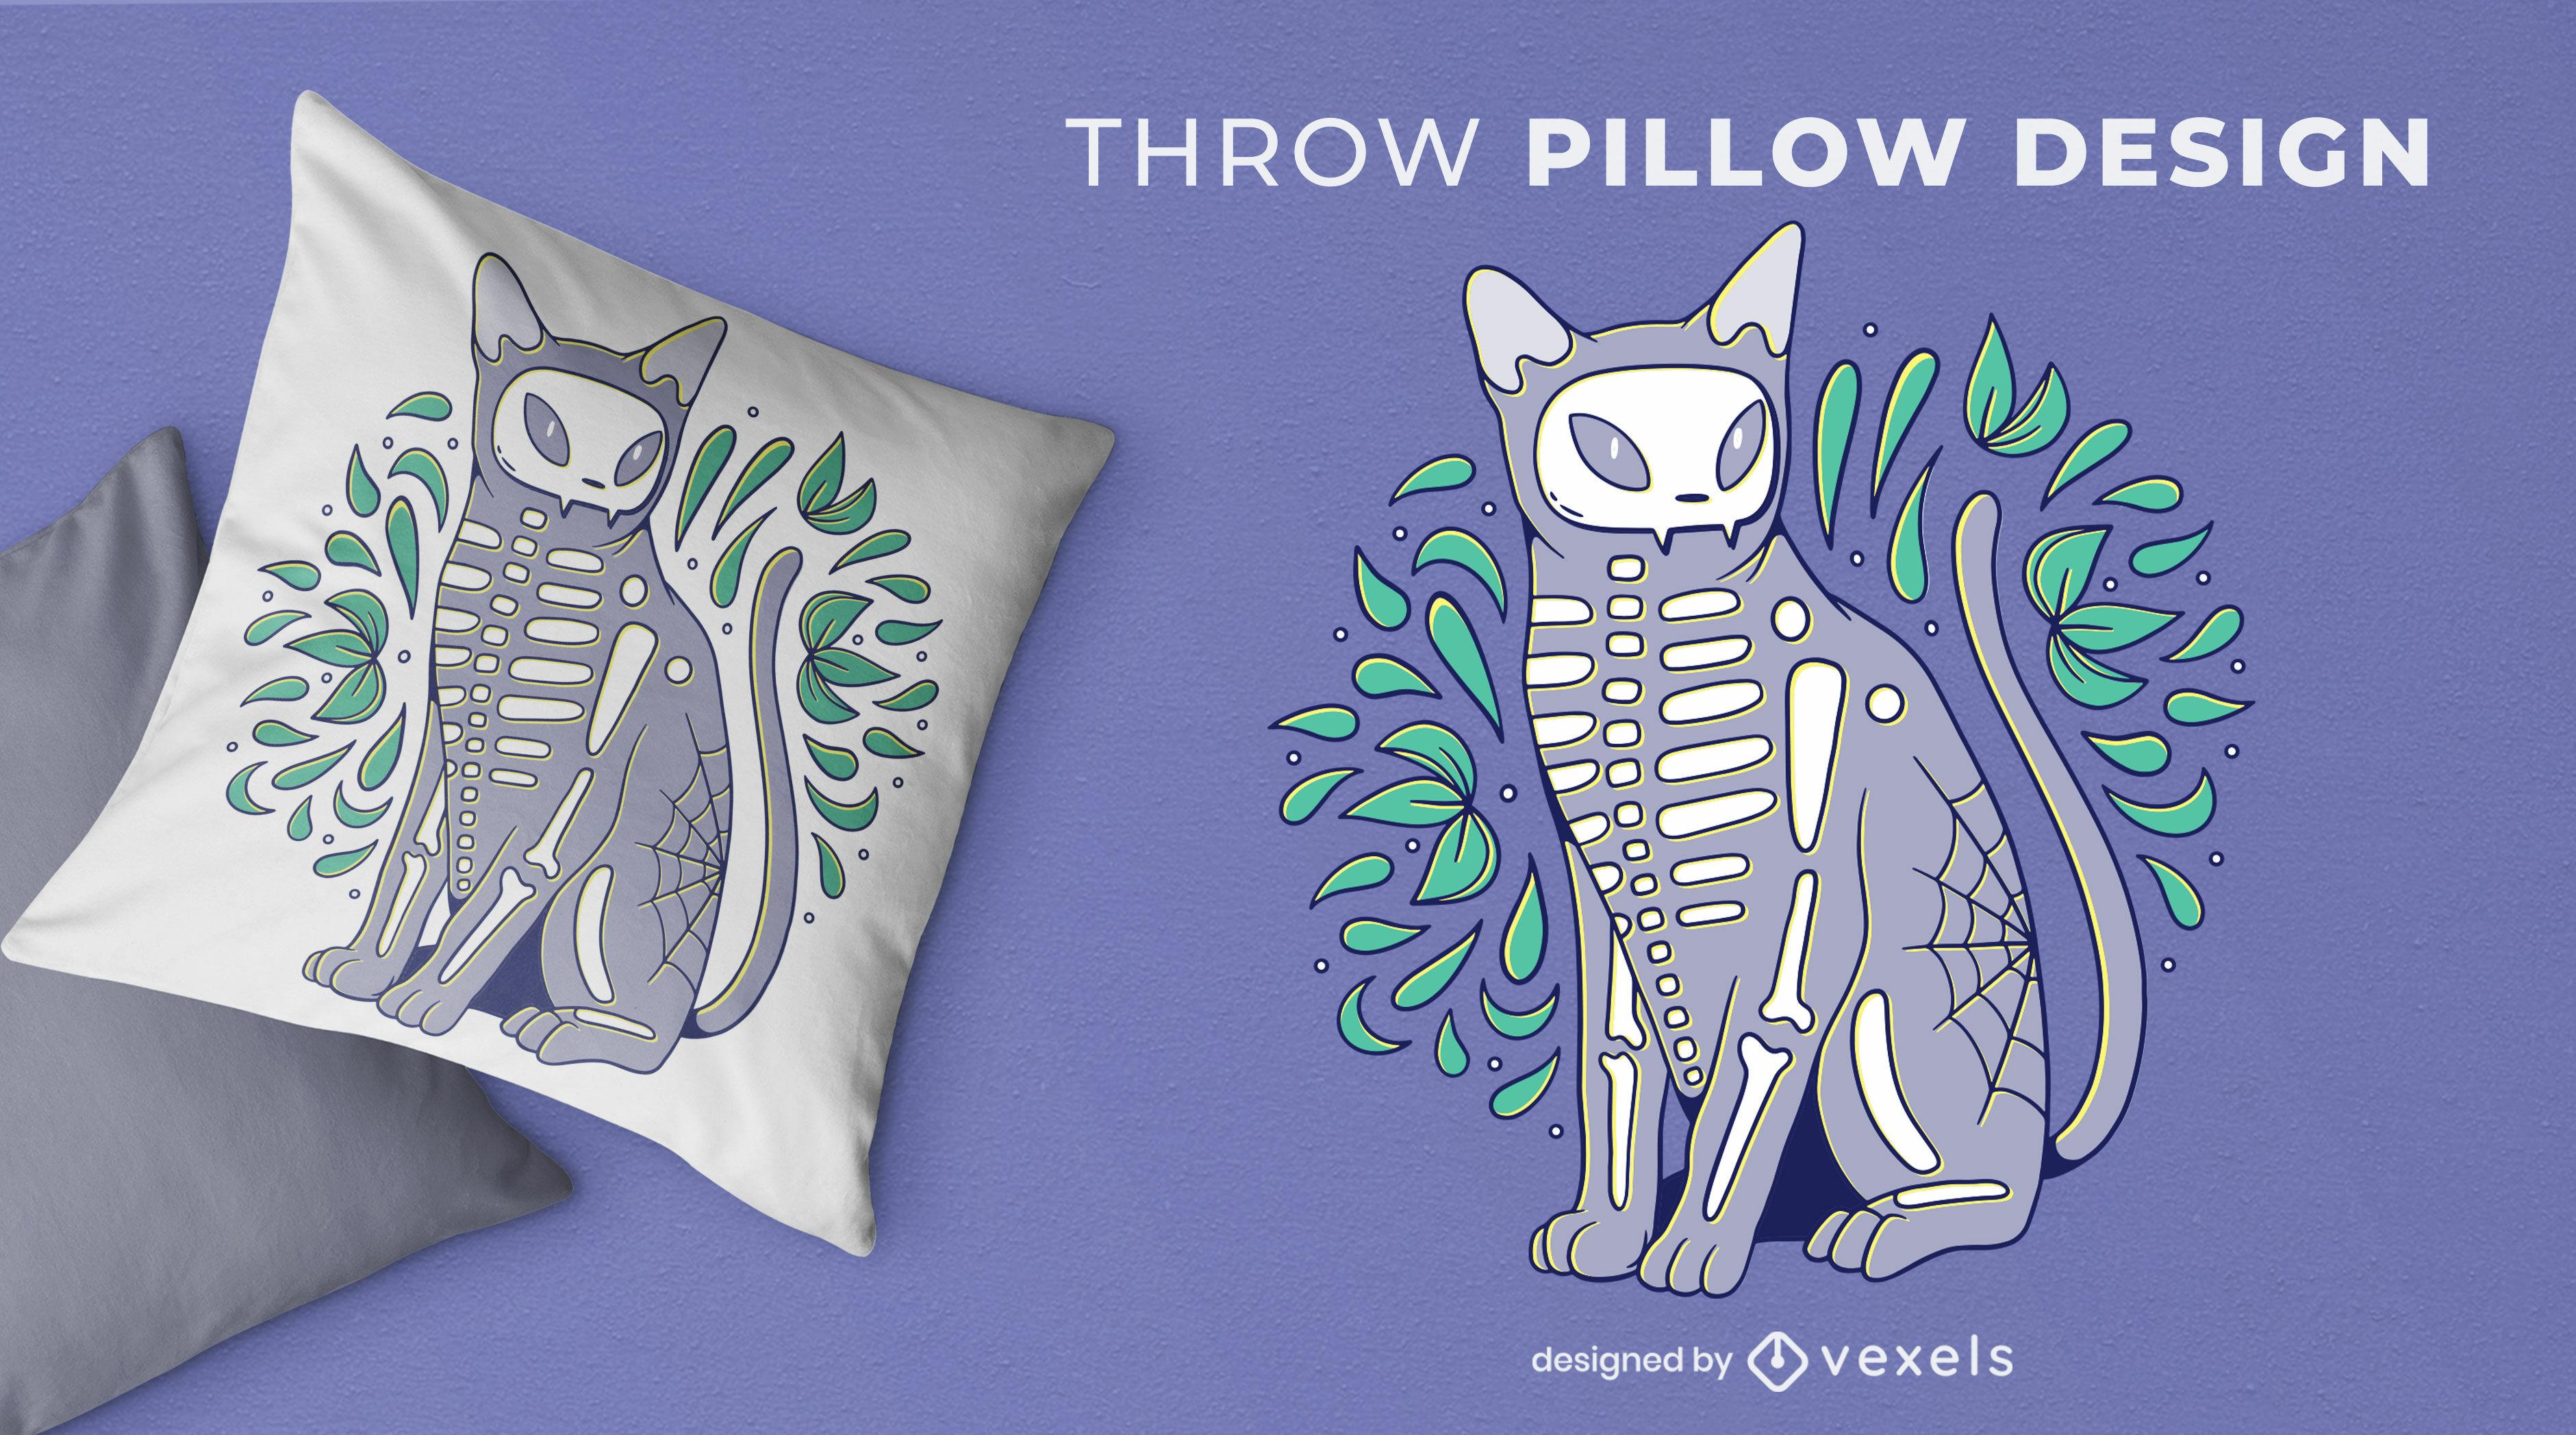 Dise?o de almohada de tiro animal gato esqueleto